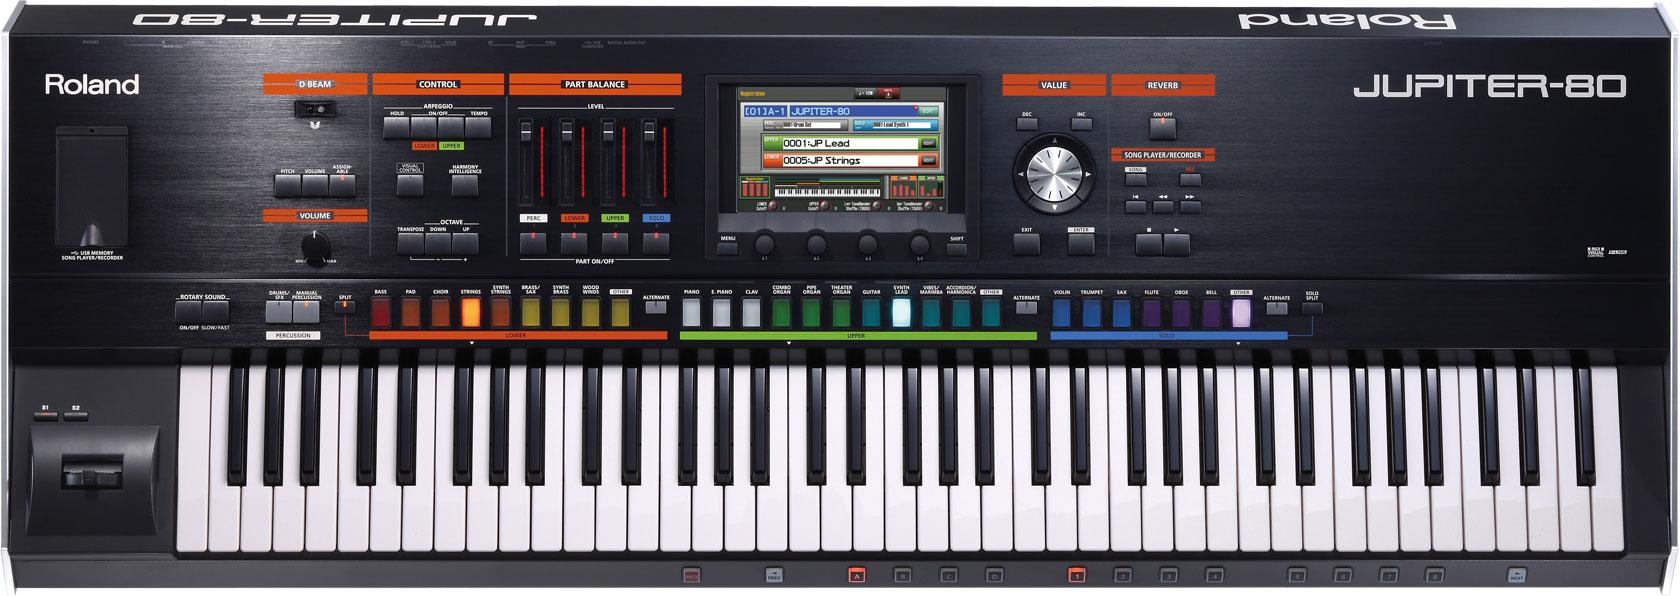 roland jupiter 80 synthesizer introduced at musikmesse. Black Bedroom Furniture Sets. Home Design Ideas